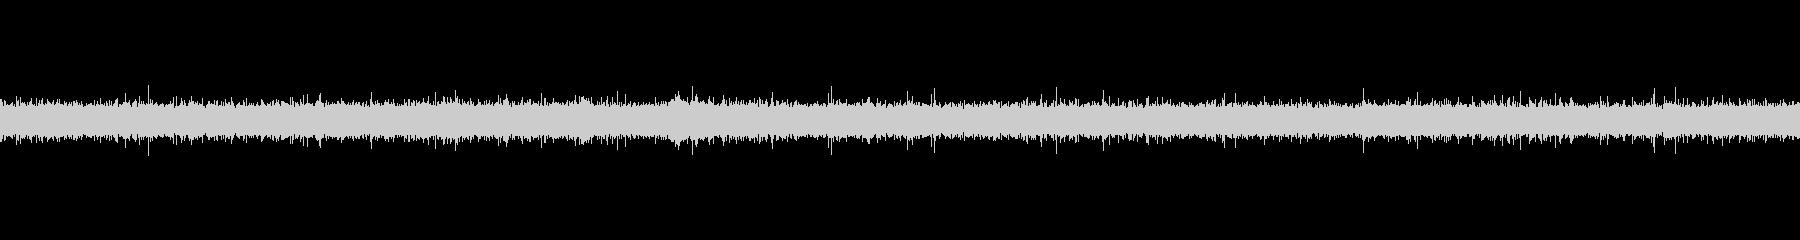 【91秒ループ】川のせせらぎの未再生の波形